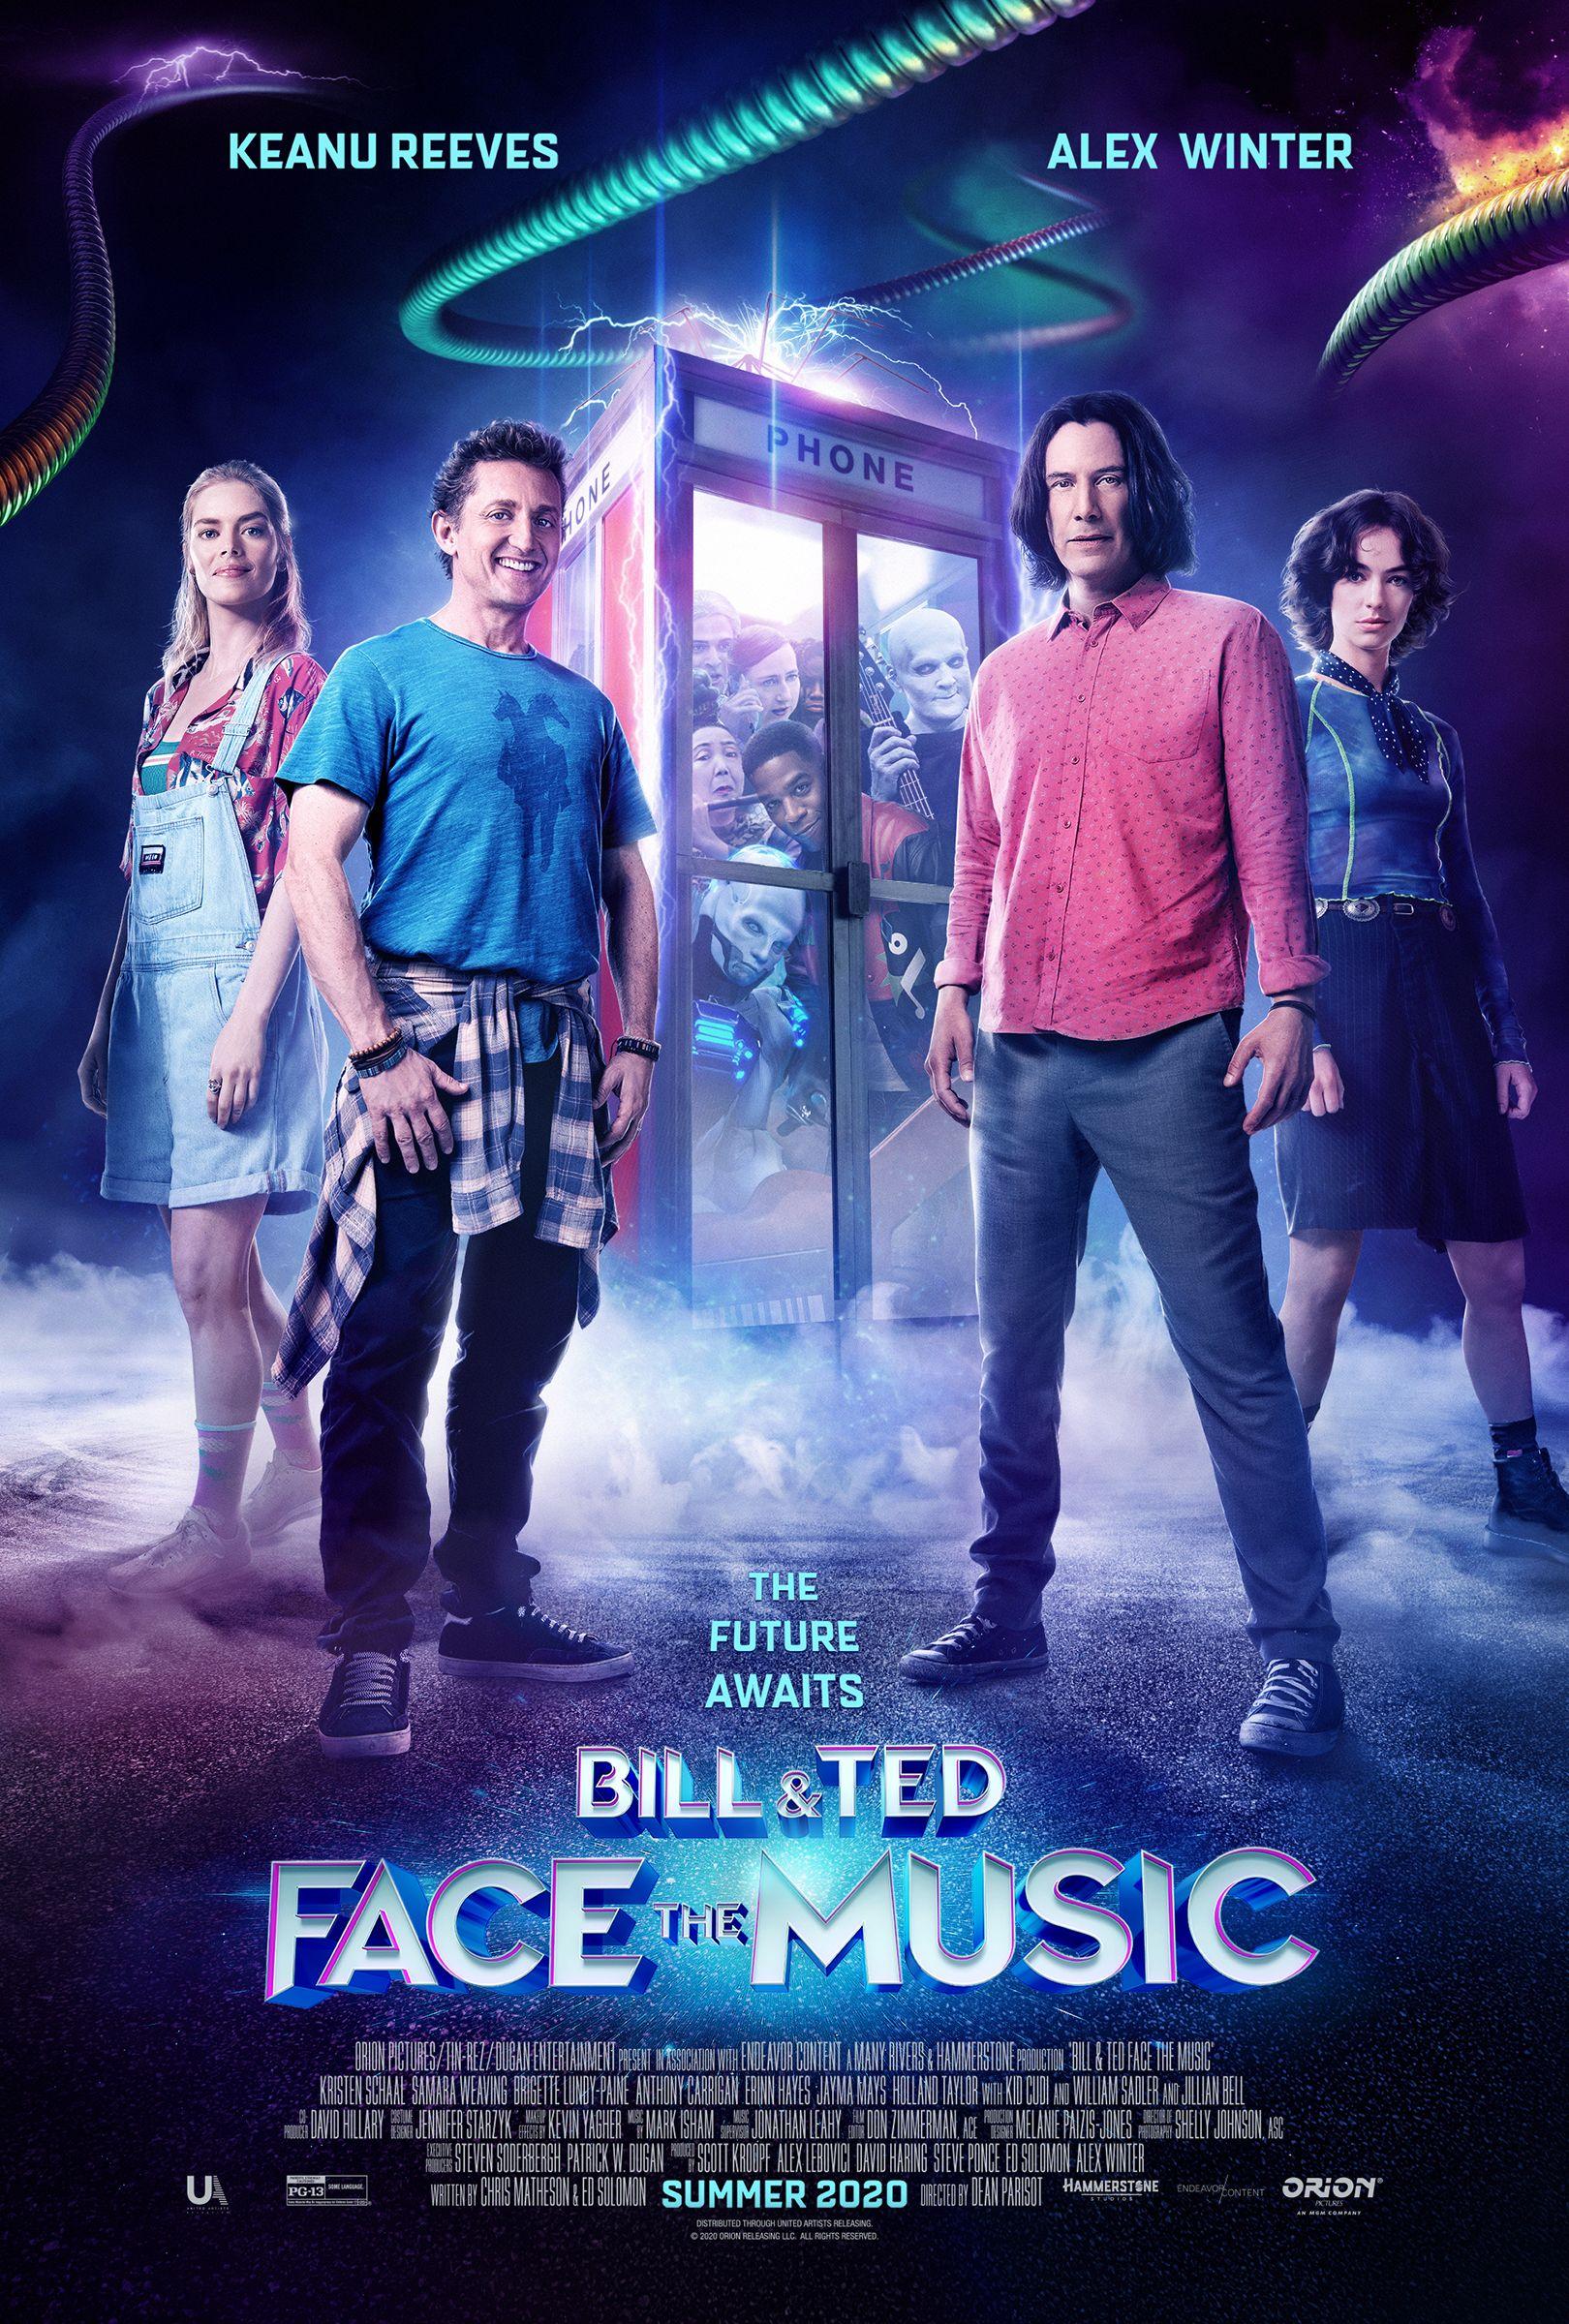 Комедия «Билл и Тед» с Киану Ривзом выйдет одновременно на видео и в кино